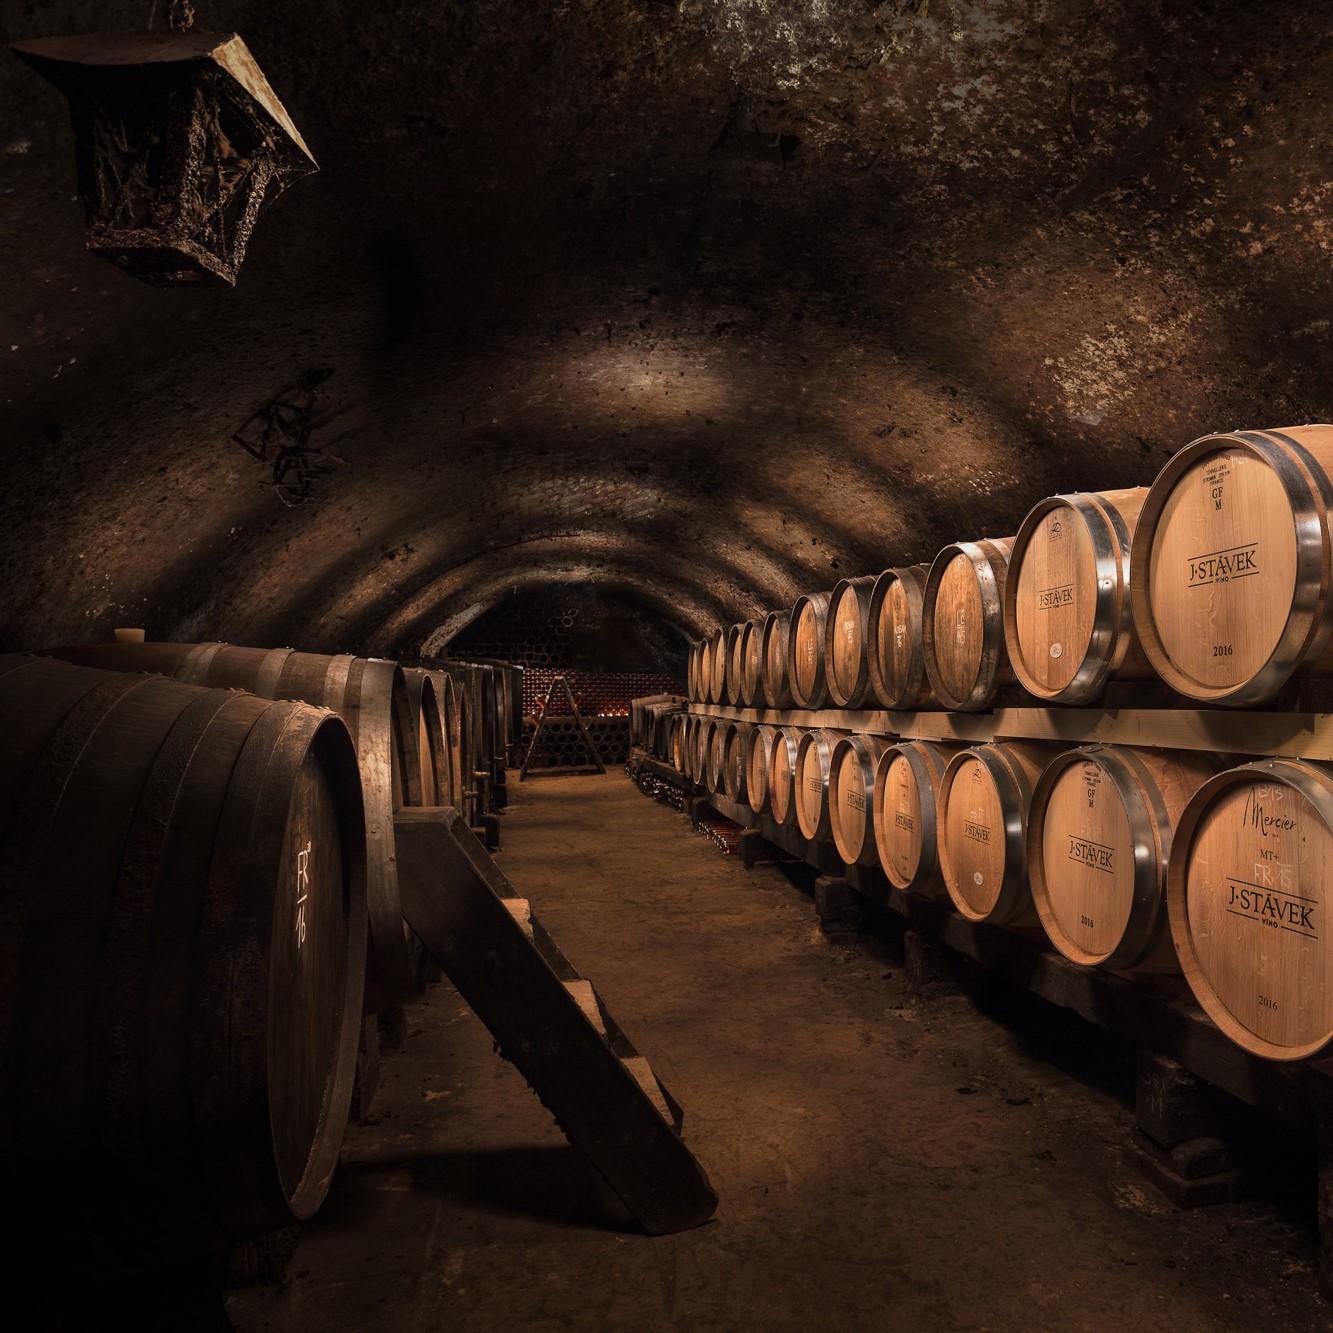 Víno Jan Stávek  – Nejlepší vinařství roku 2017